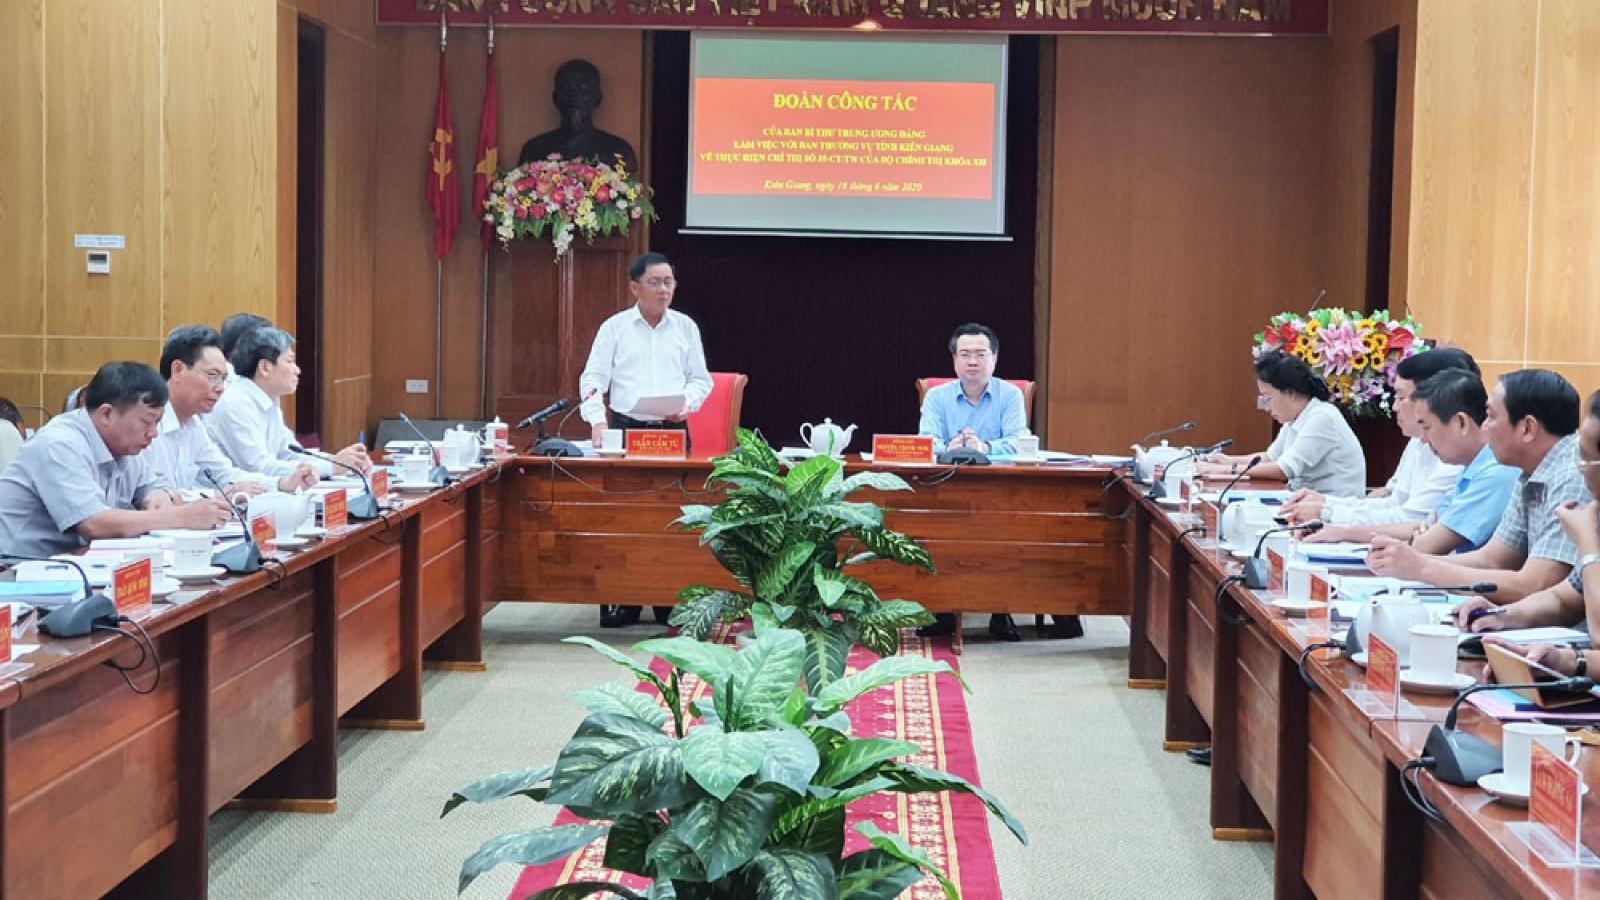 Kiên Giang cần giải quyết tốt đơn thư tố cáo liên quan nhân sự cấp ủy